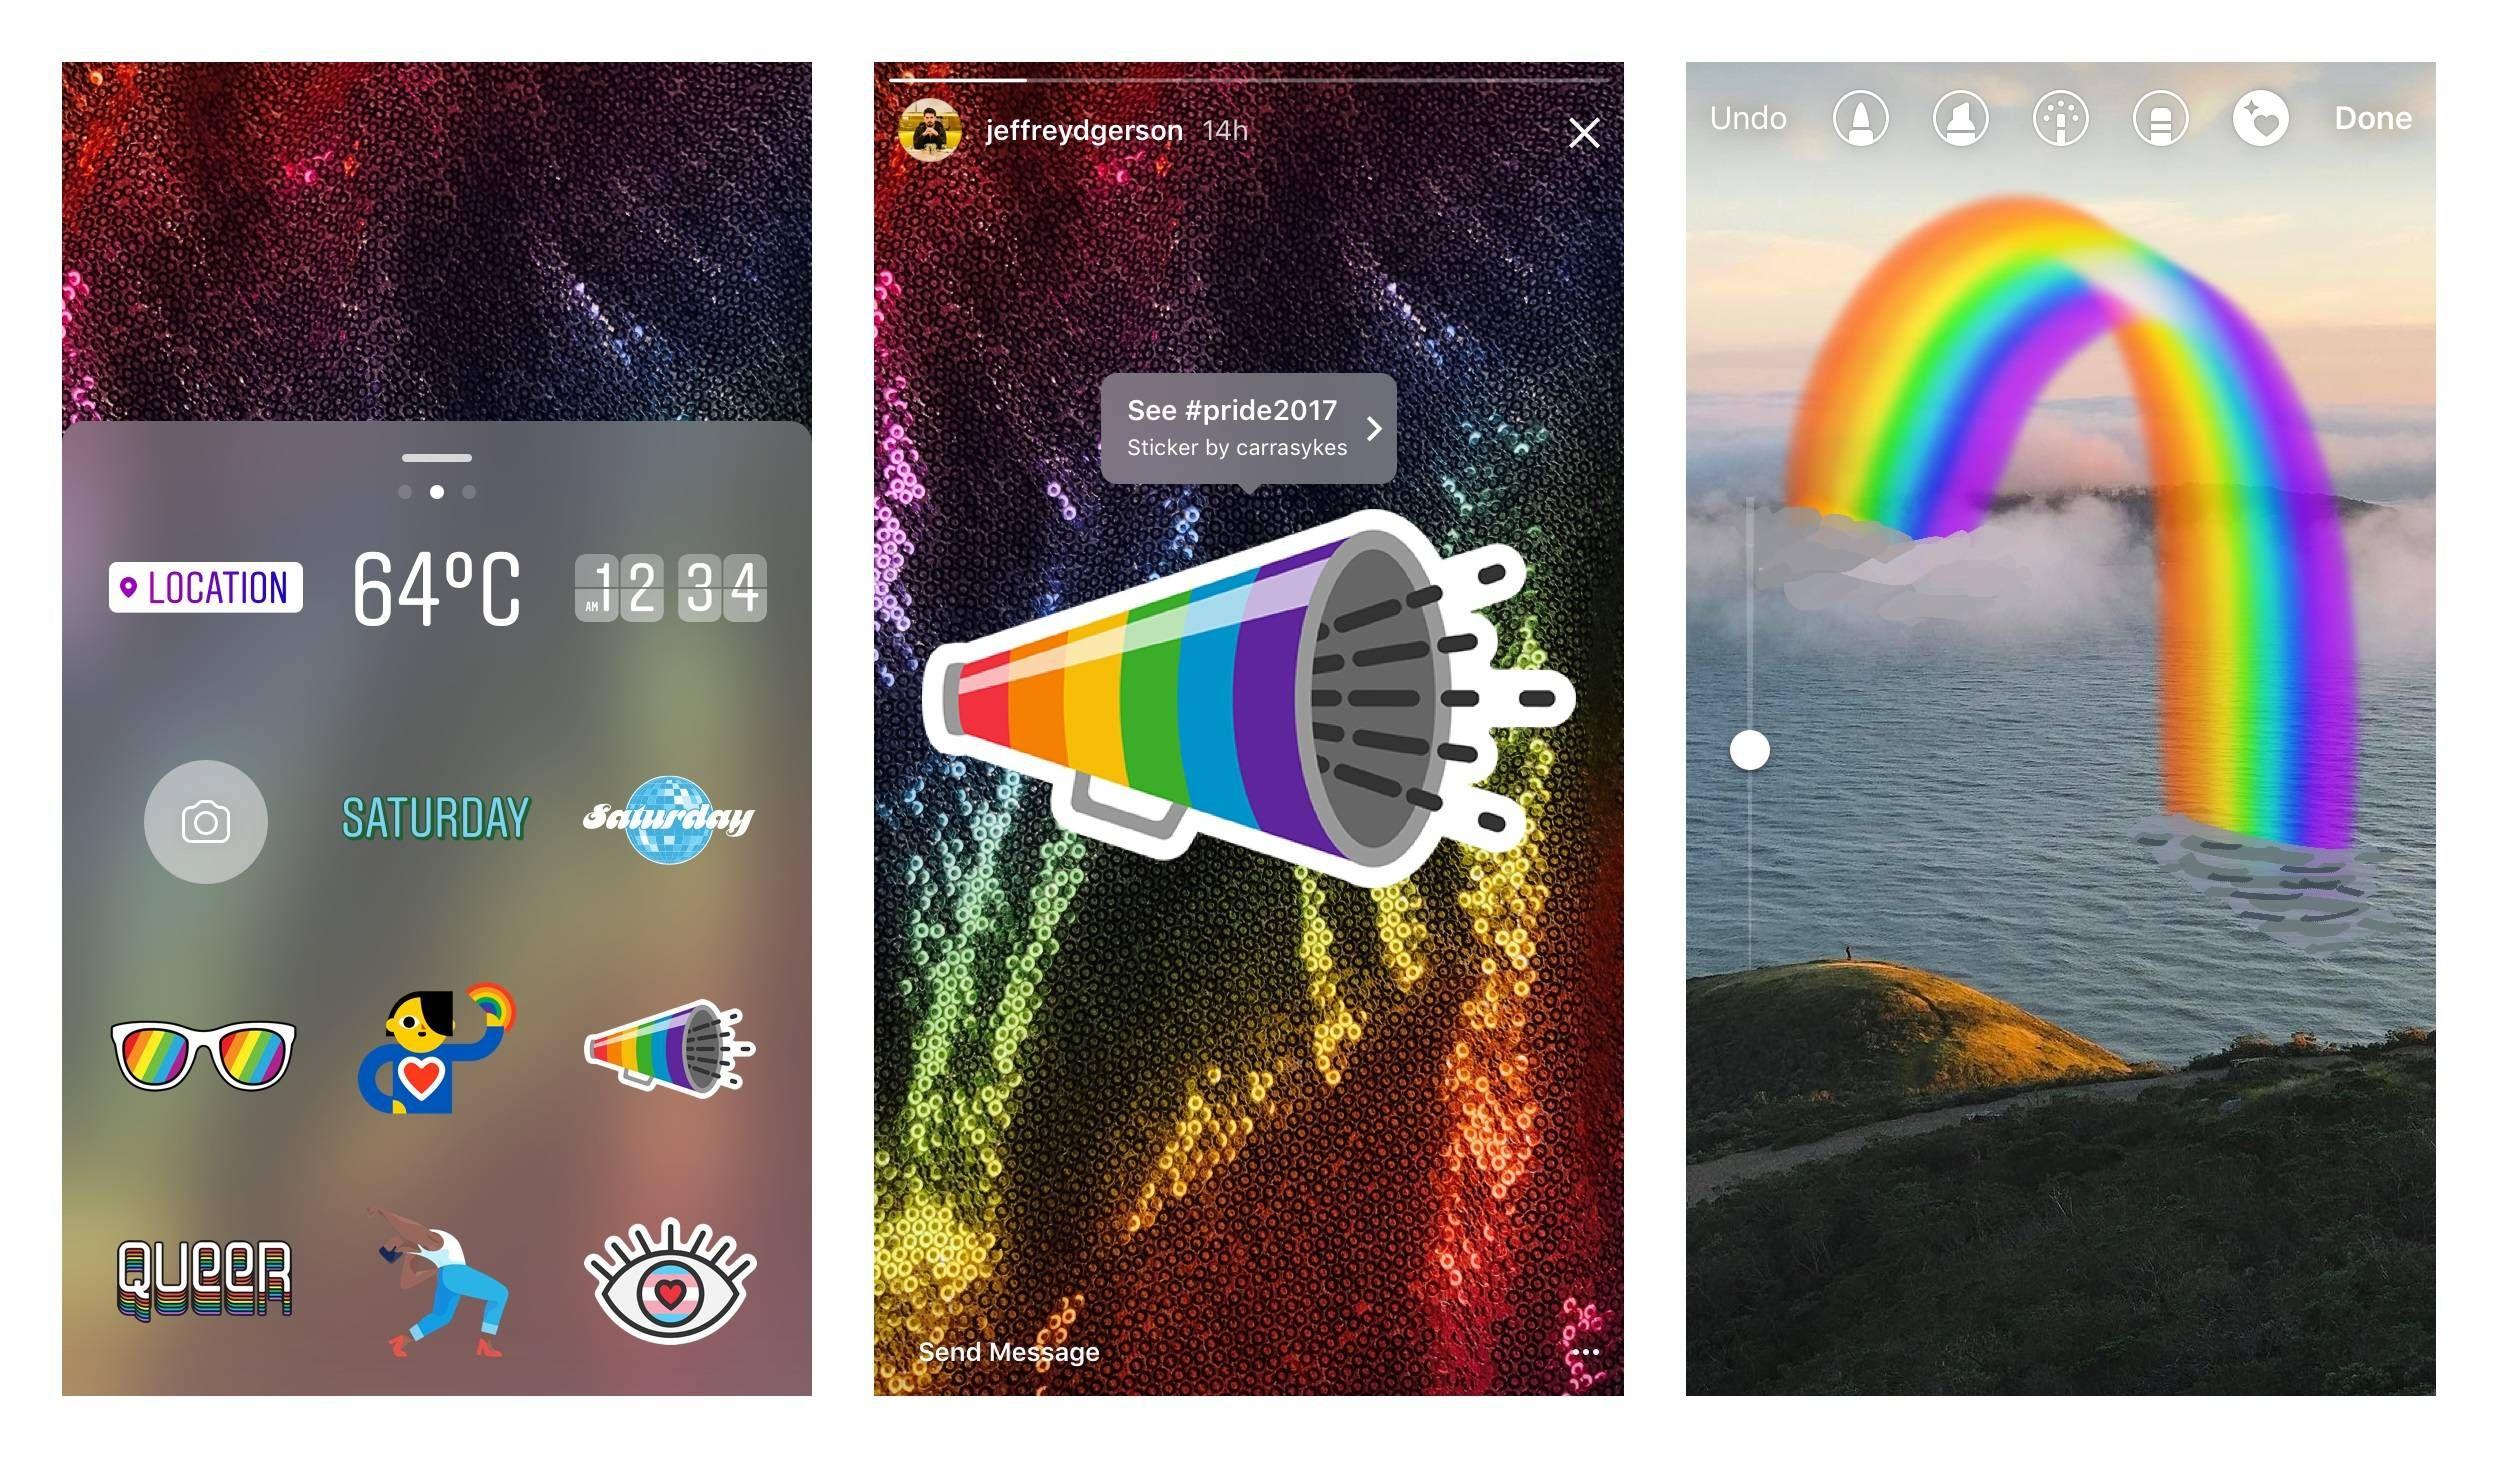 utiliza la bandera LGBT para presentar una nueva reacci³n Me enorgullece [